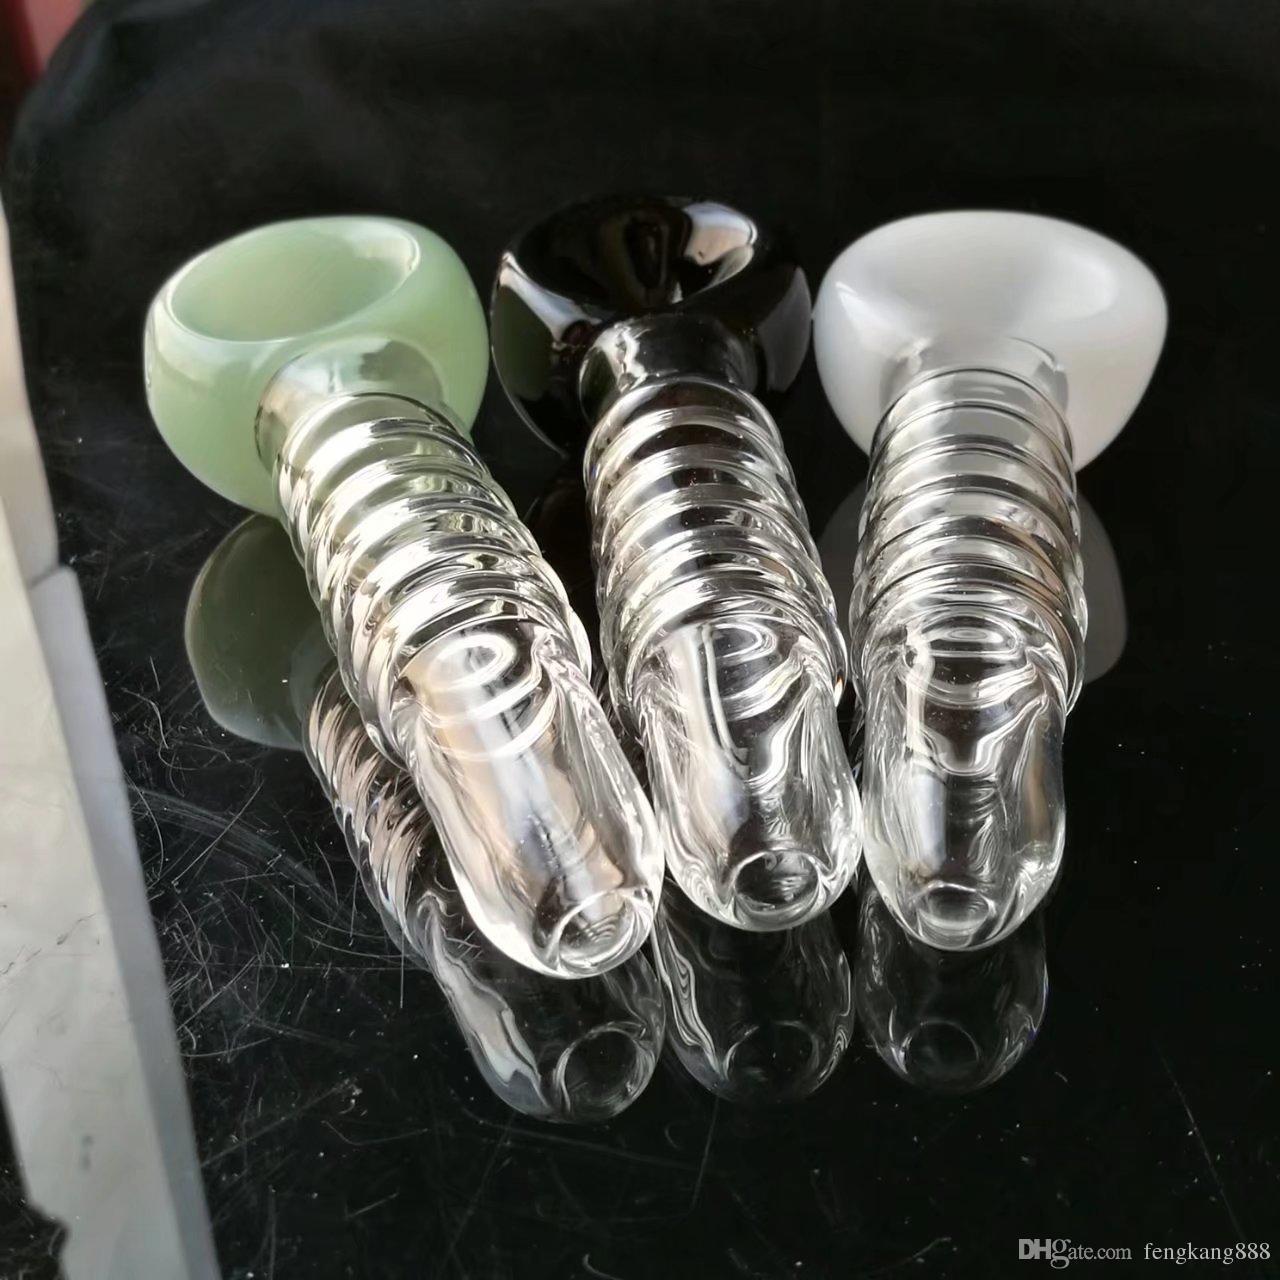 Fünf Runde der farbigen Fovea, Großhandel Bongs Ölbrenner Rohre Wasserpfeifen Kawumm Bohrinseln Raucher Kostenloser Versand